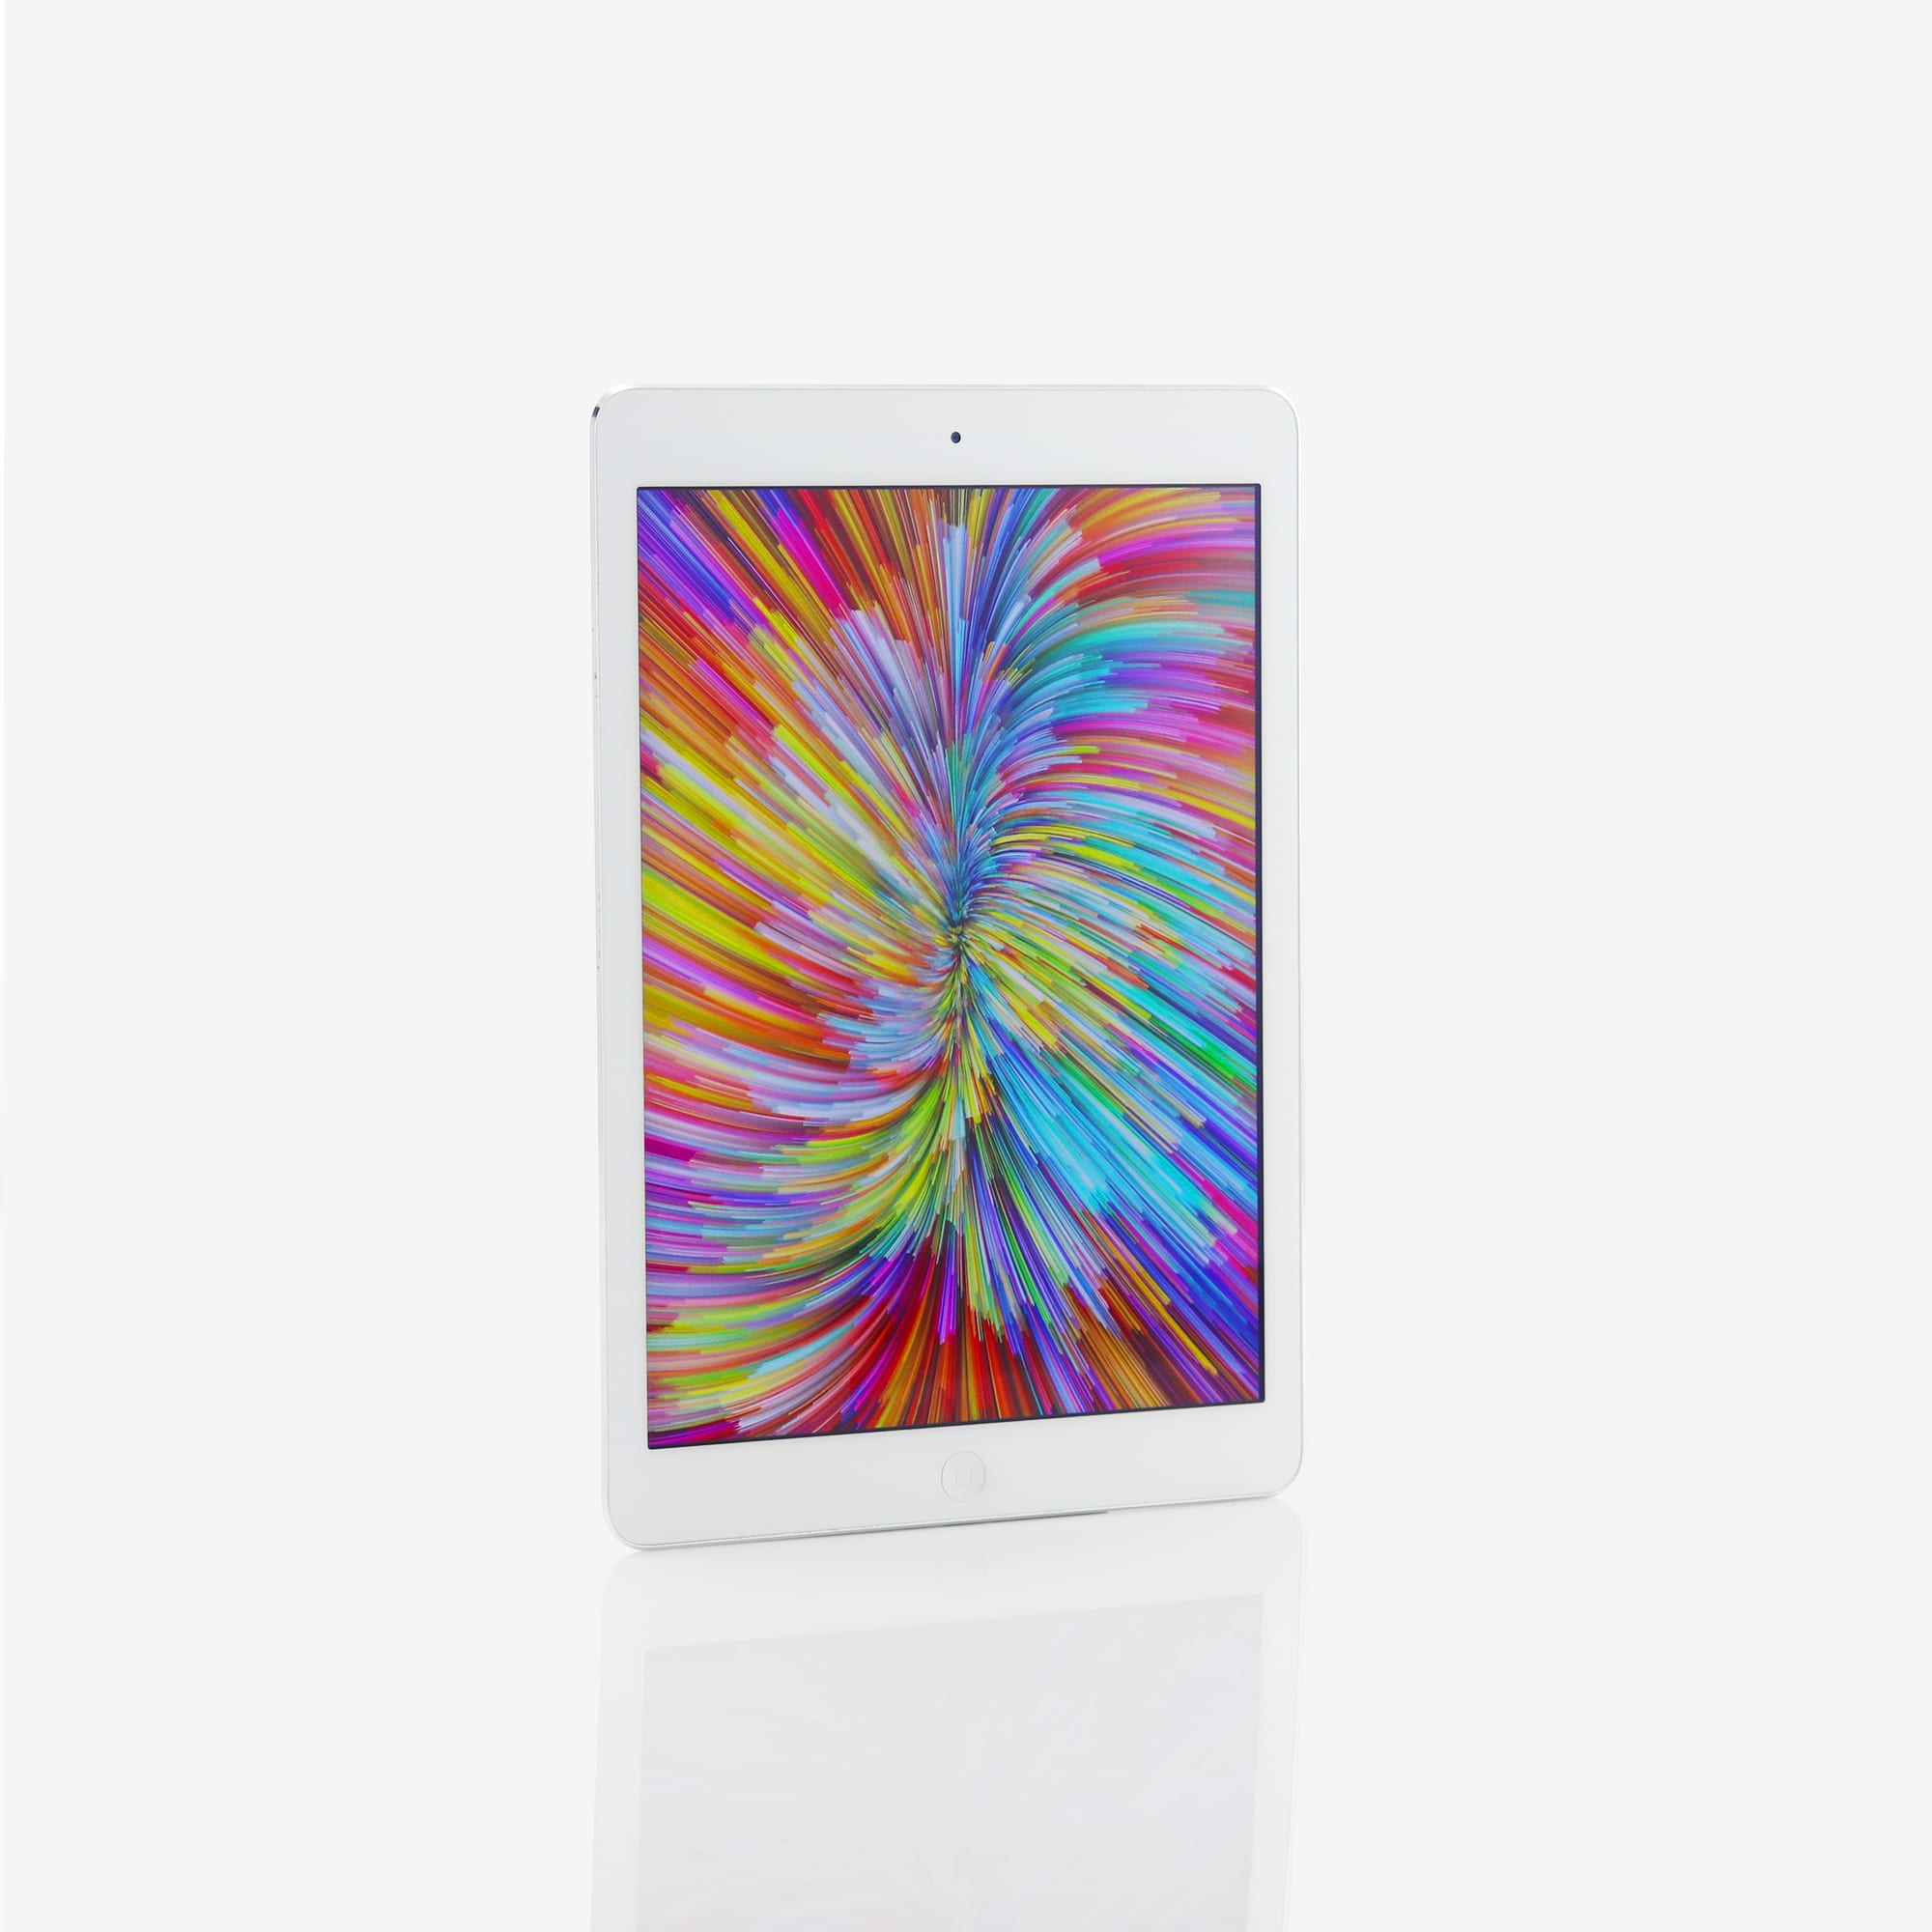 1 x iPad Air (Wi-Fi) Space Grey